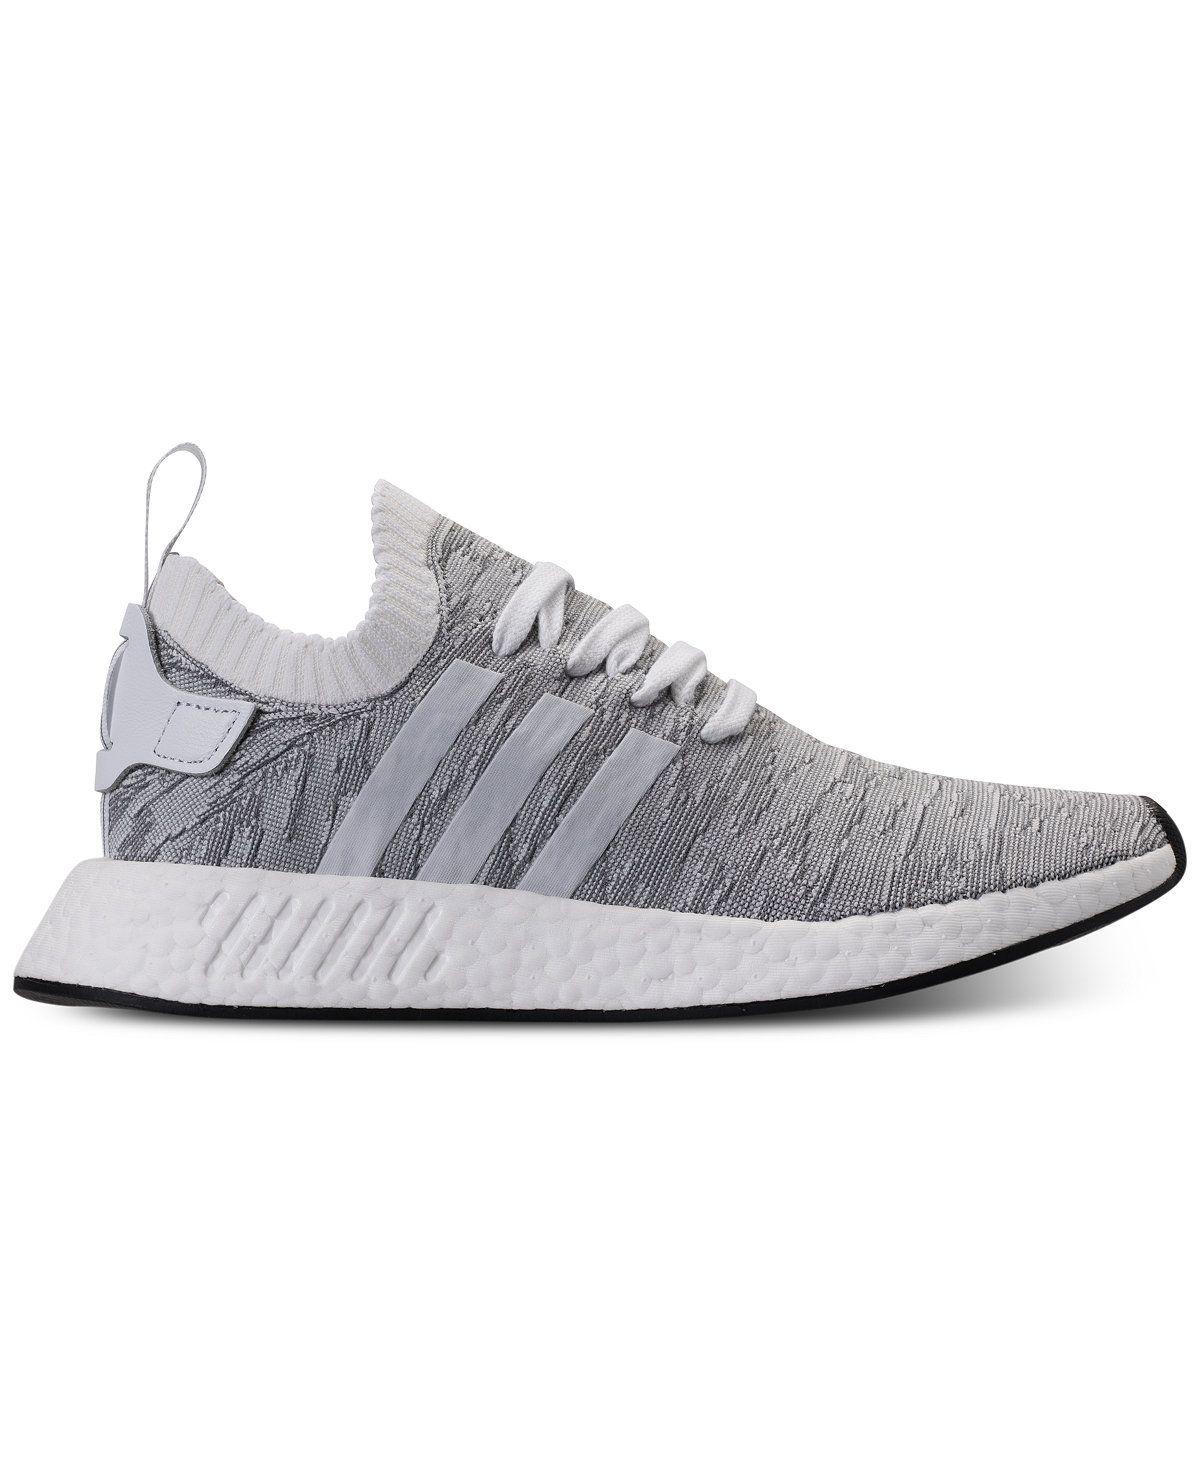 26b500ab9 adidas Men s NrMD R2 Primeknit Casual Sneakes Adidas Nmd R2